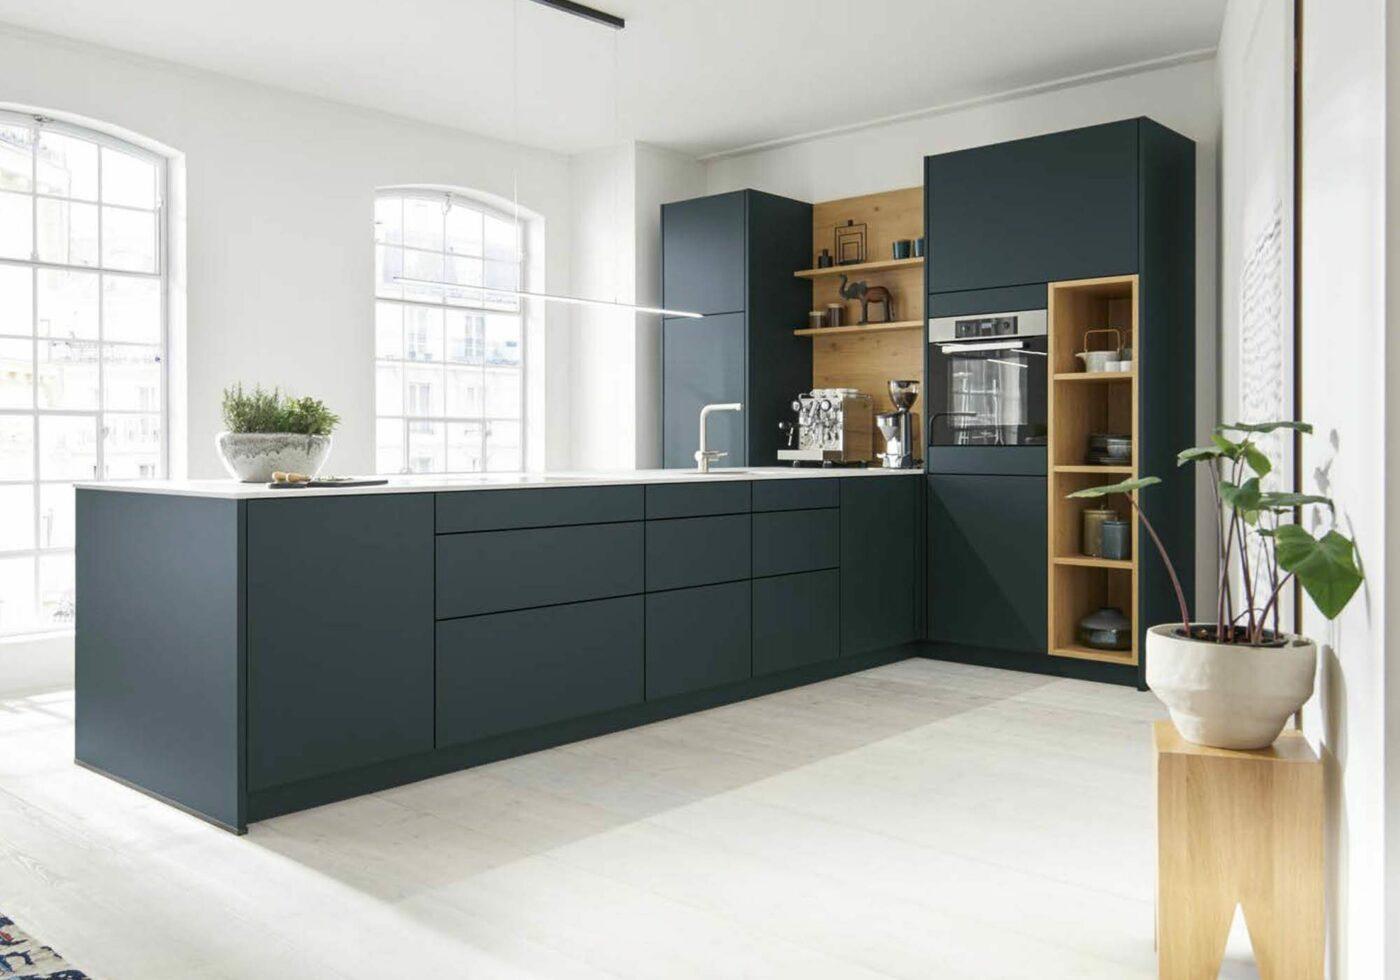 Grifflose Küche mit Push-to-open Beschlag